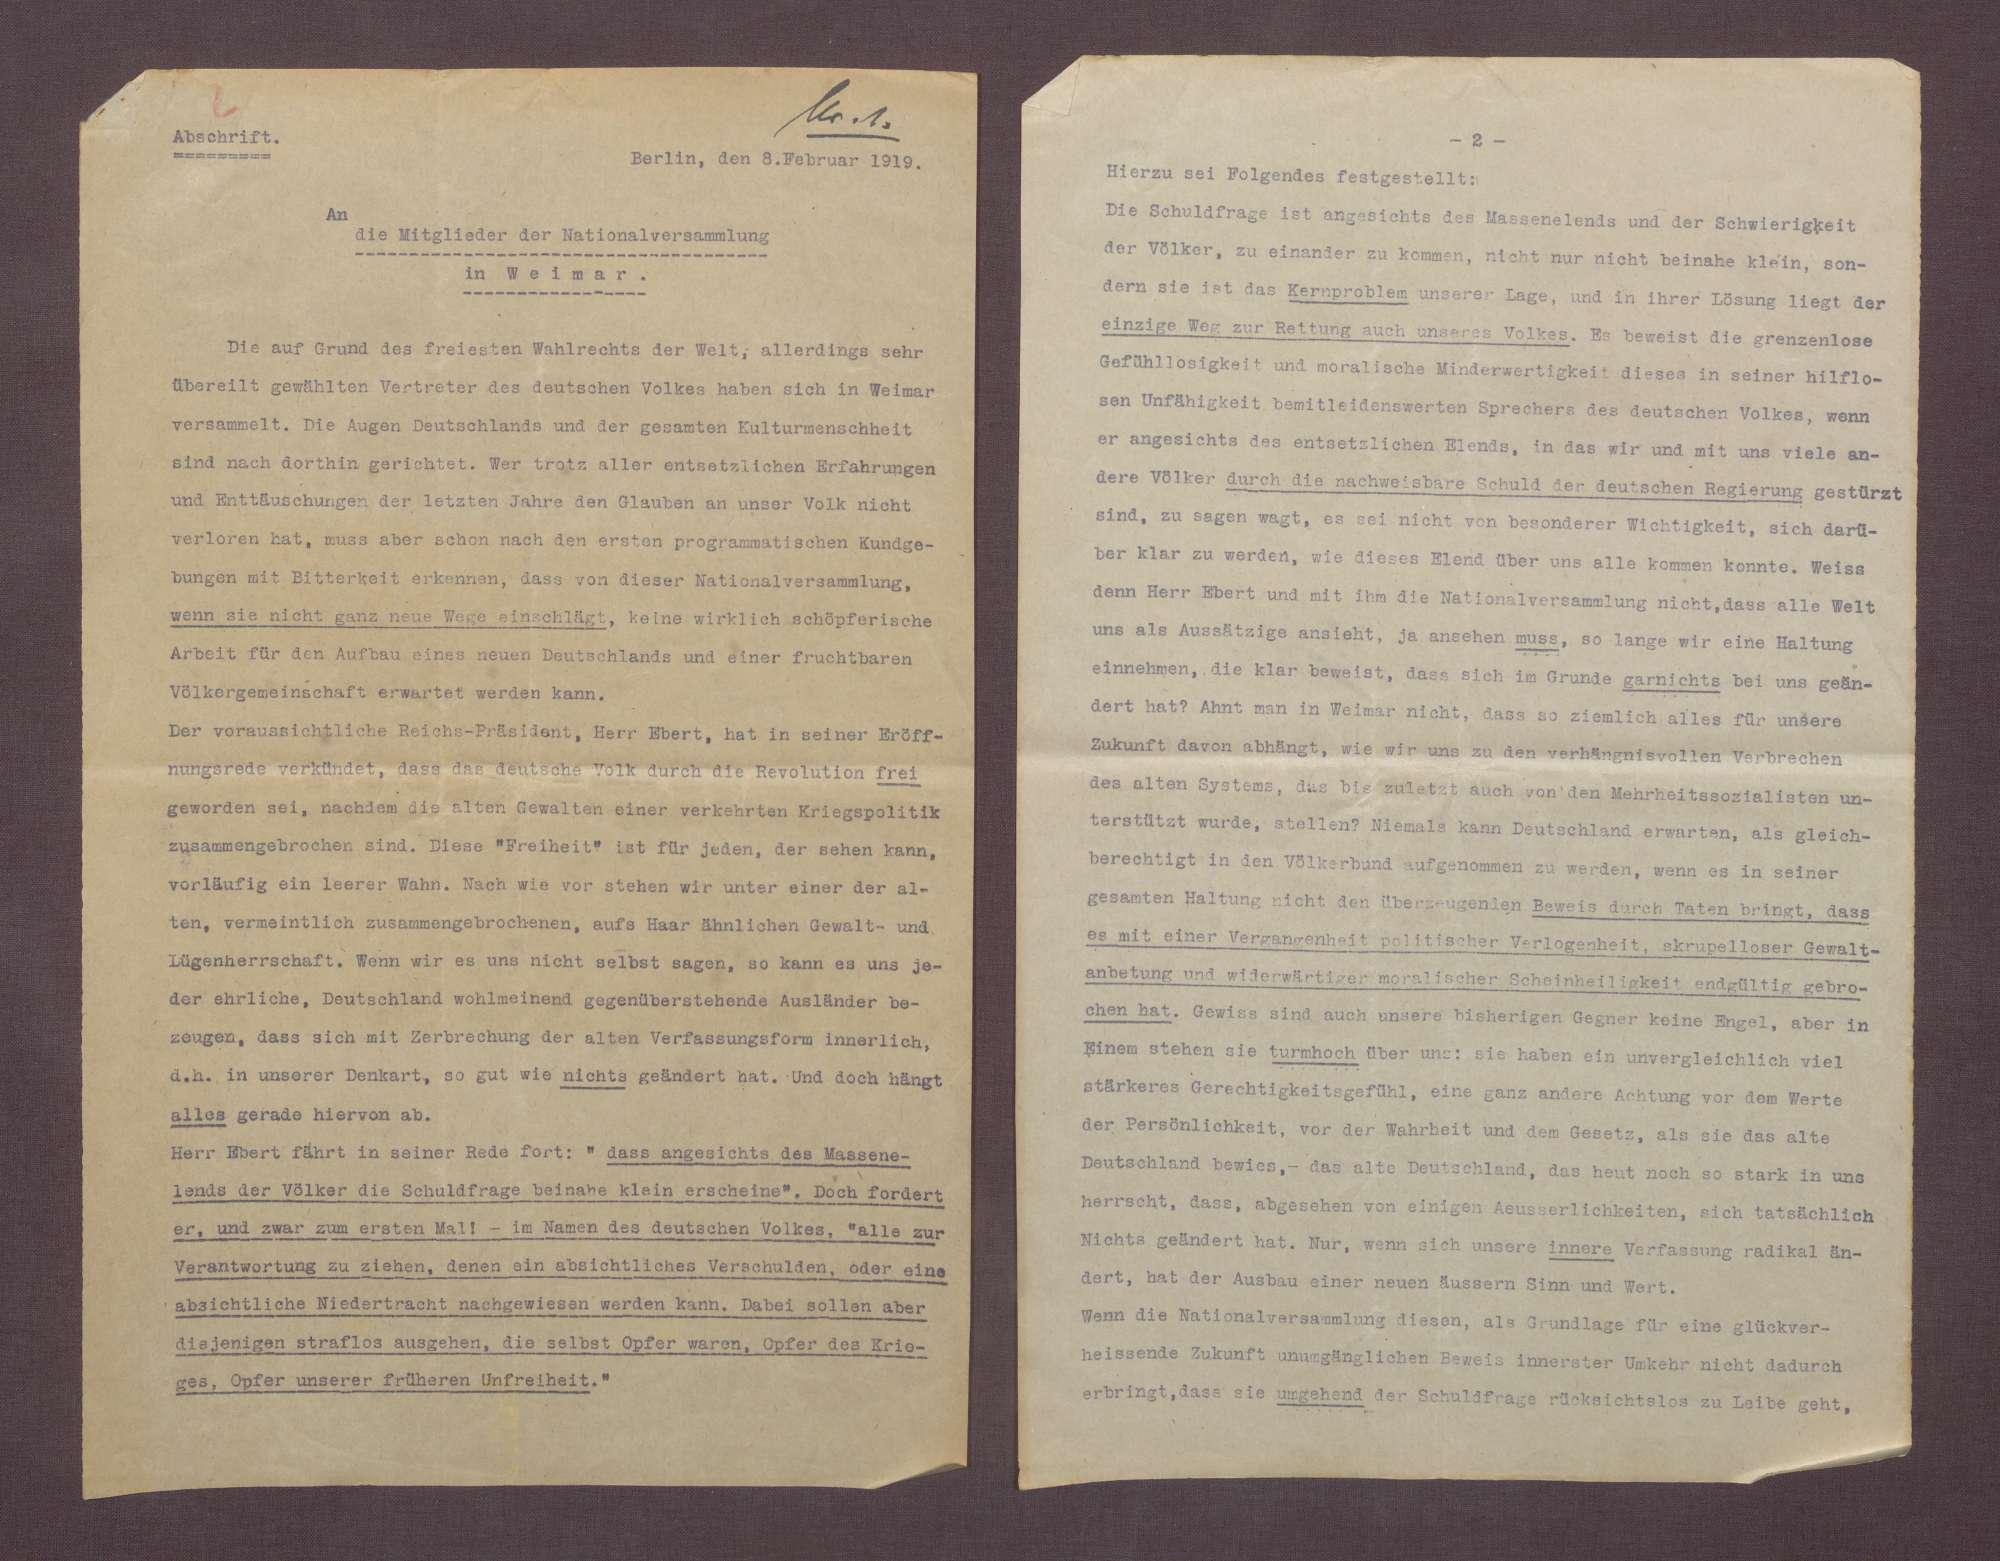 Hermann Lamm an Hermann Gressel: Hauptmann a. D. von Beerfelde am 08.02.1919 an die Mitglieder der Nationalversammlung in Weimar, Berlin, 31.02.1919, Bild 2